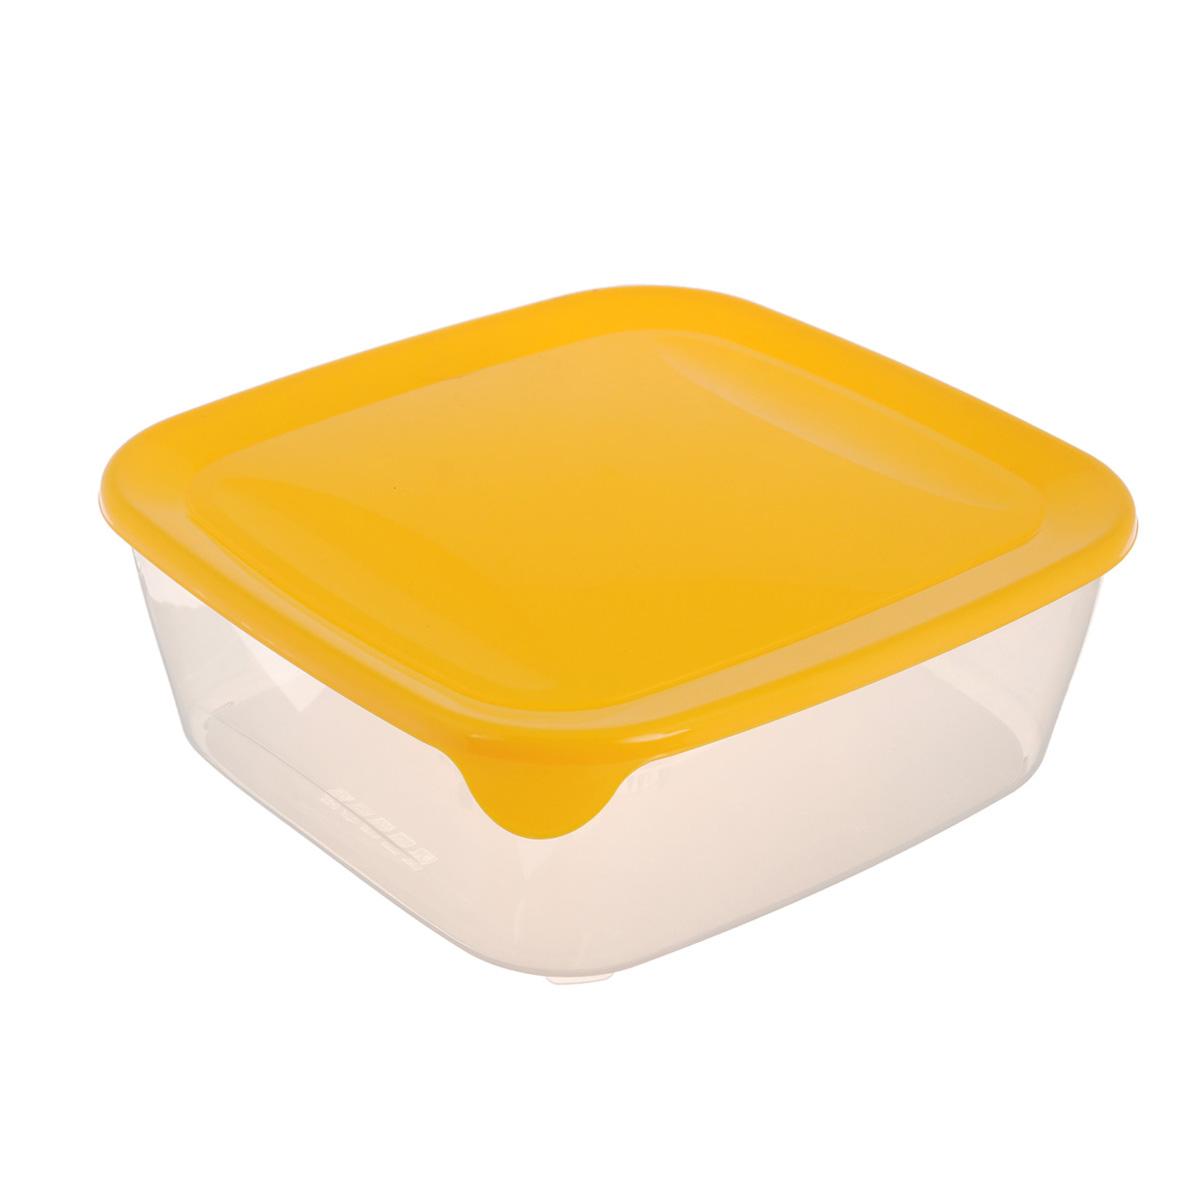 Емкость для заморозки и СВЧ Curver Fresh & Go, цвет: желтый, 0,8 лFD-59Квадратная емкость для заморозки и СВЧ Curver изготовлена из высококачественного пищевого пластика (BPA free), который выдерживает температуру от -40°С до +100°С. Стенки емкости прозрачные, а крышка цветная. Она плотно закрывается, дольше сохраняя продукты свежими и вкусными. Емкость удобно брать с собой на работу, учебу, пикник или просто использовать для хранения пищи в холодильнике. Можно использовать в микроволновой печи и для заморозки в морозильной камере. Можно мыть в посудомоечной машине.